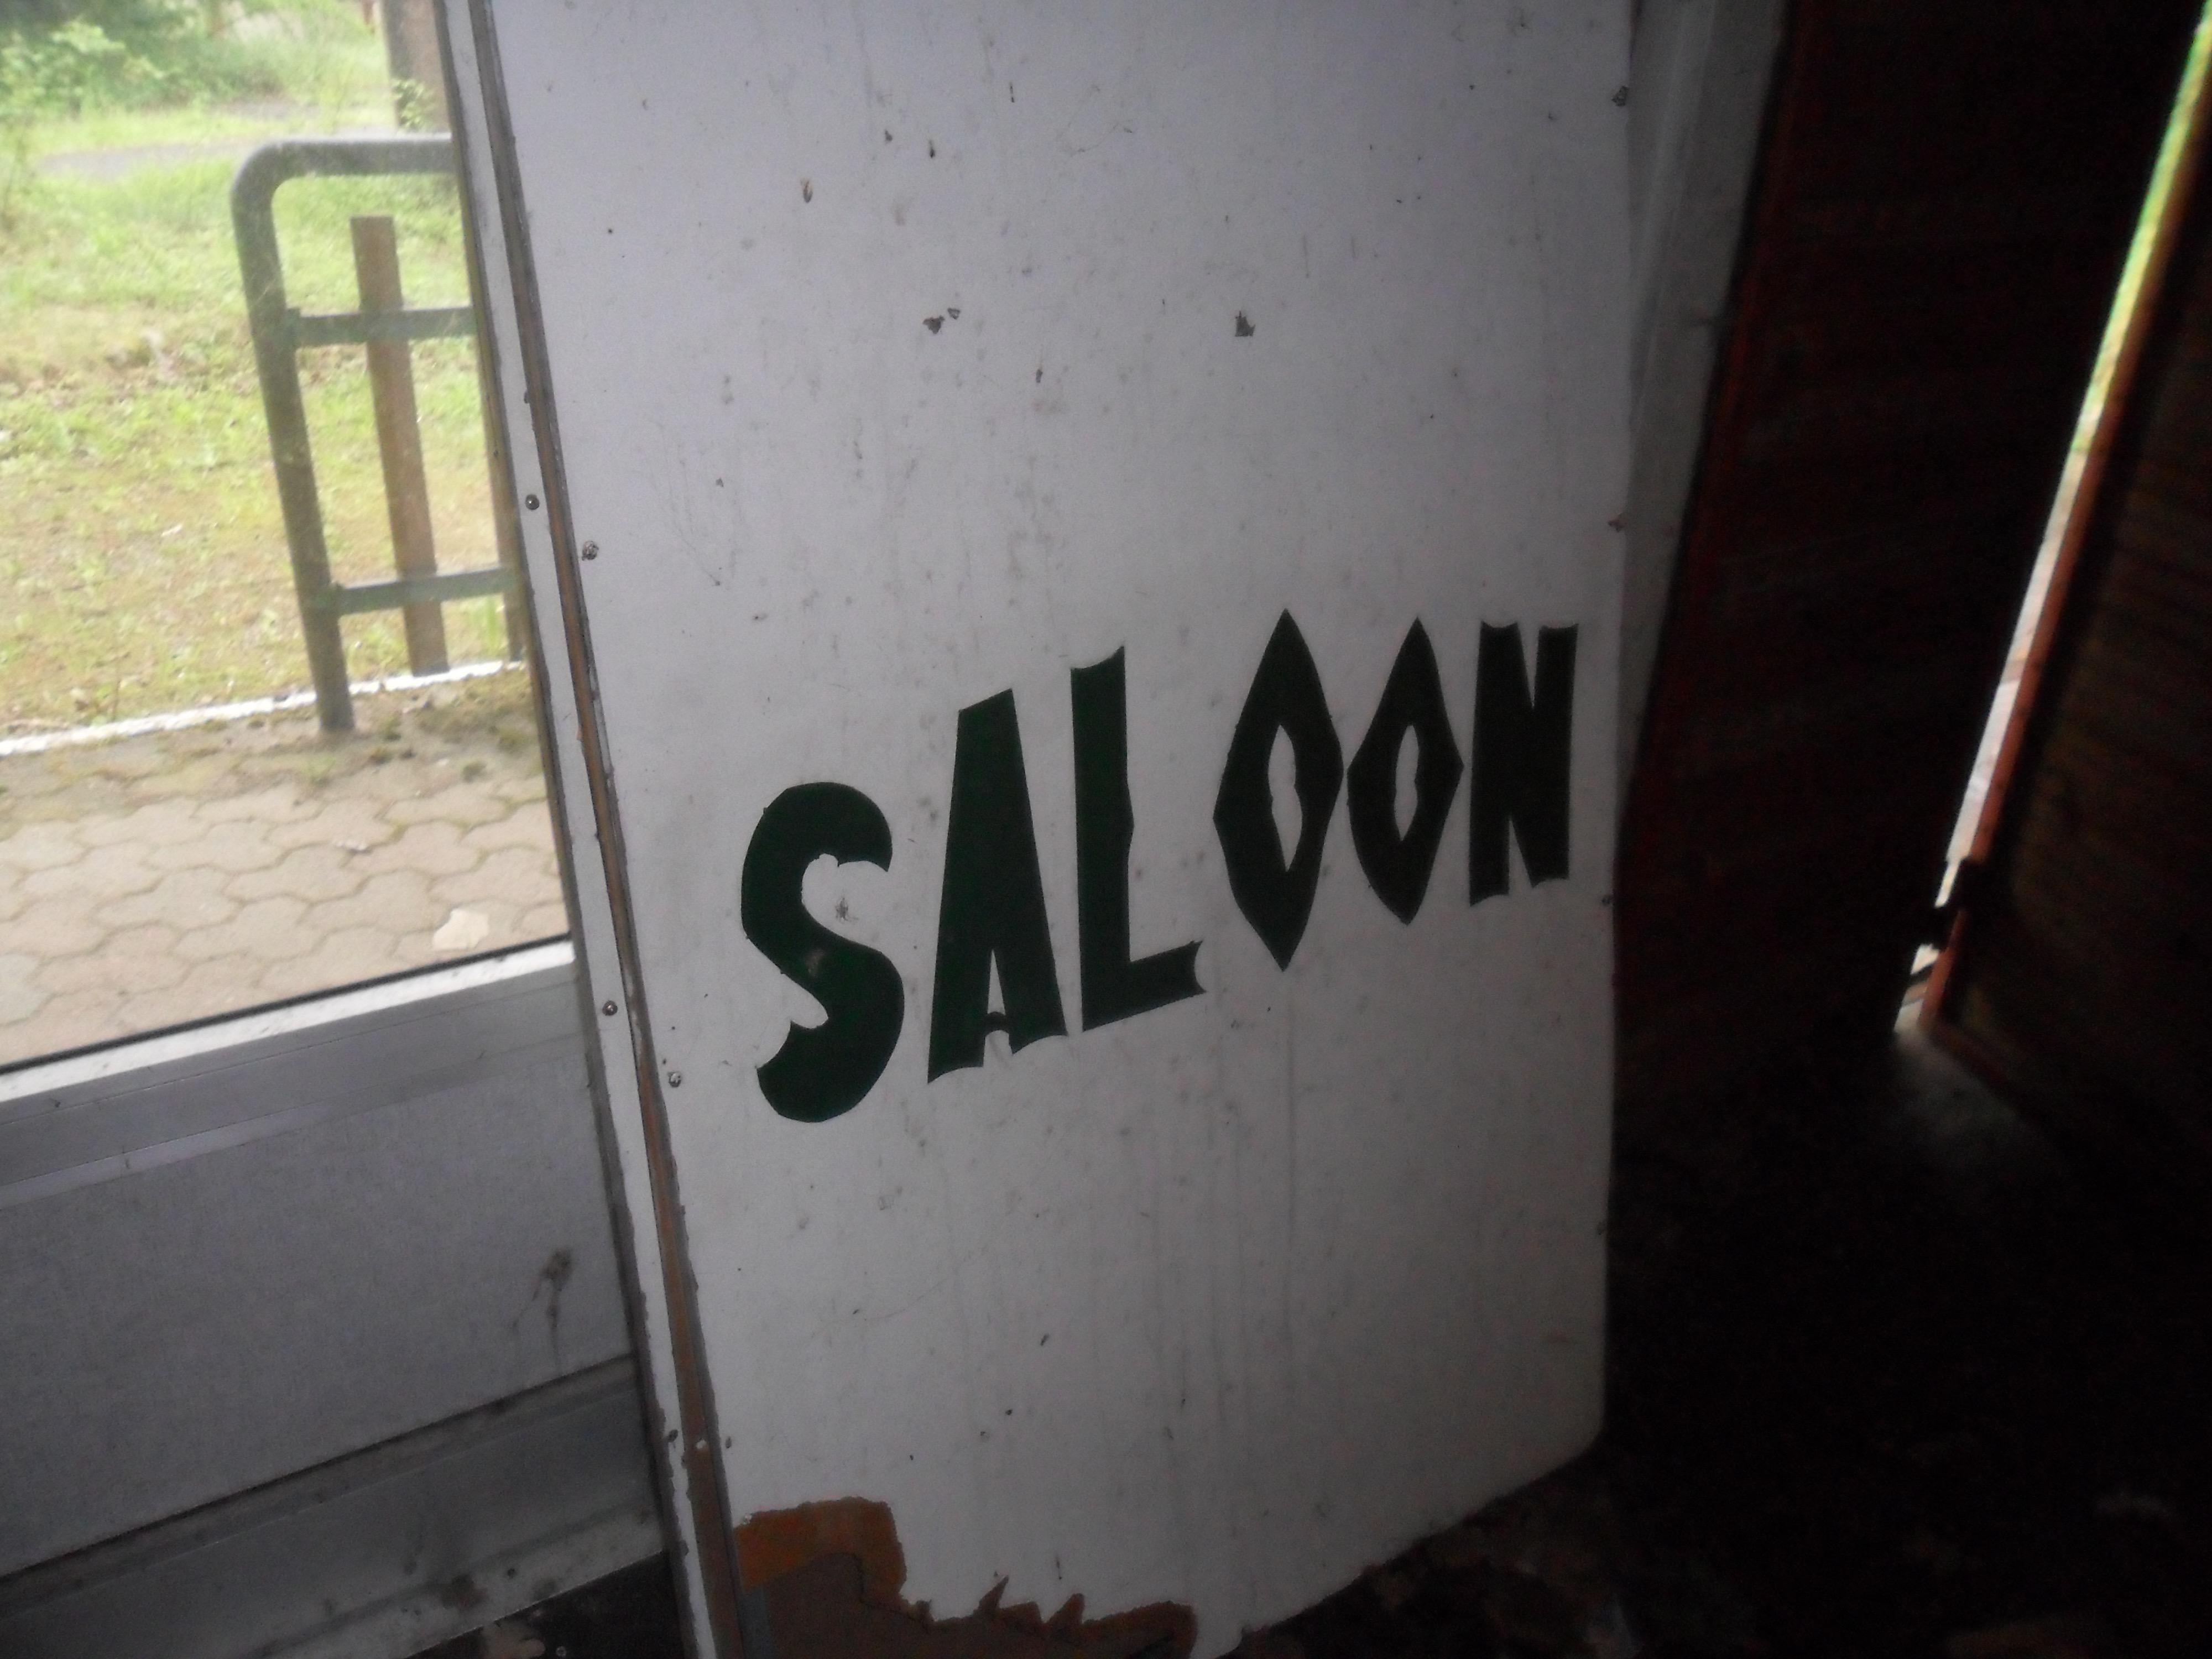 saloon cartello